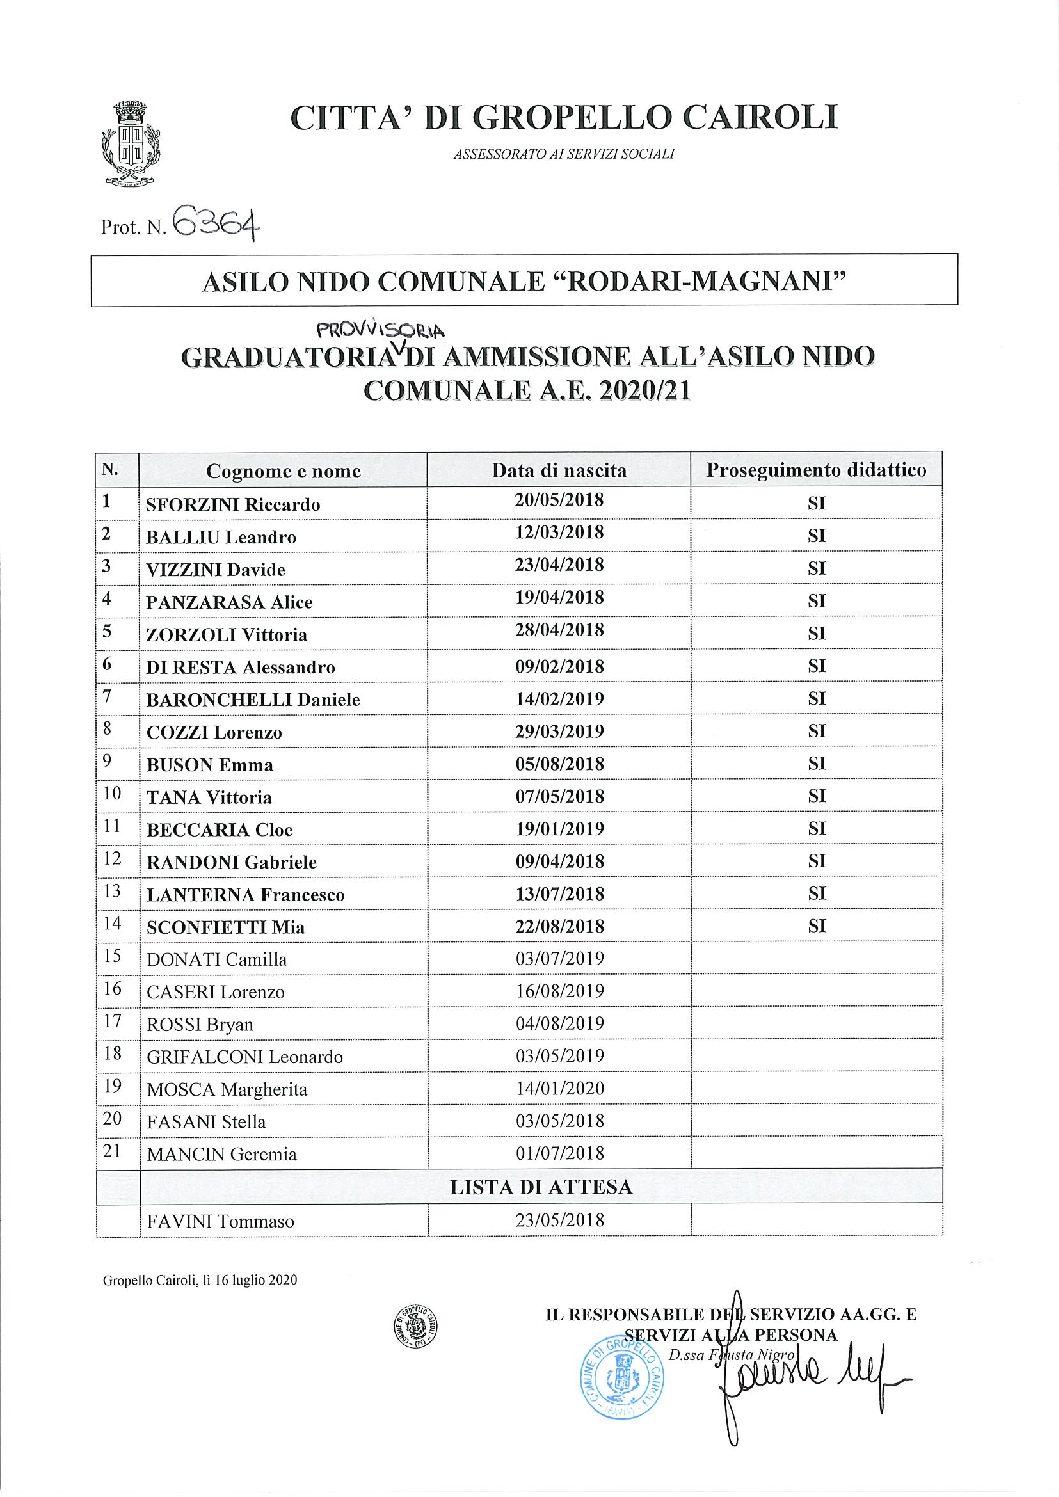 GRADUATORIA PROVVISORIA DI AMMISSIONE ALL'ASILO NIDO COMUNALE A.E. 2020/21